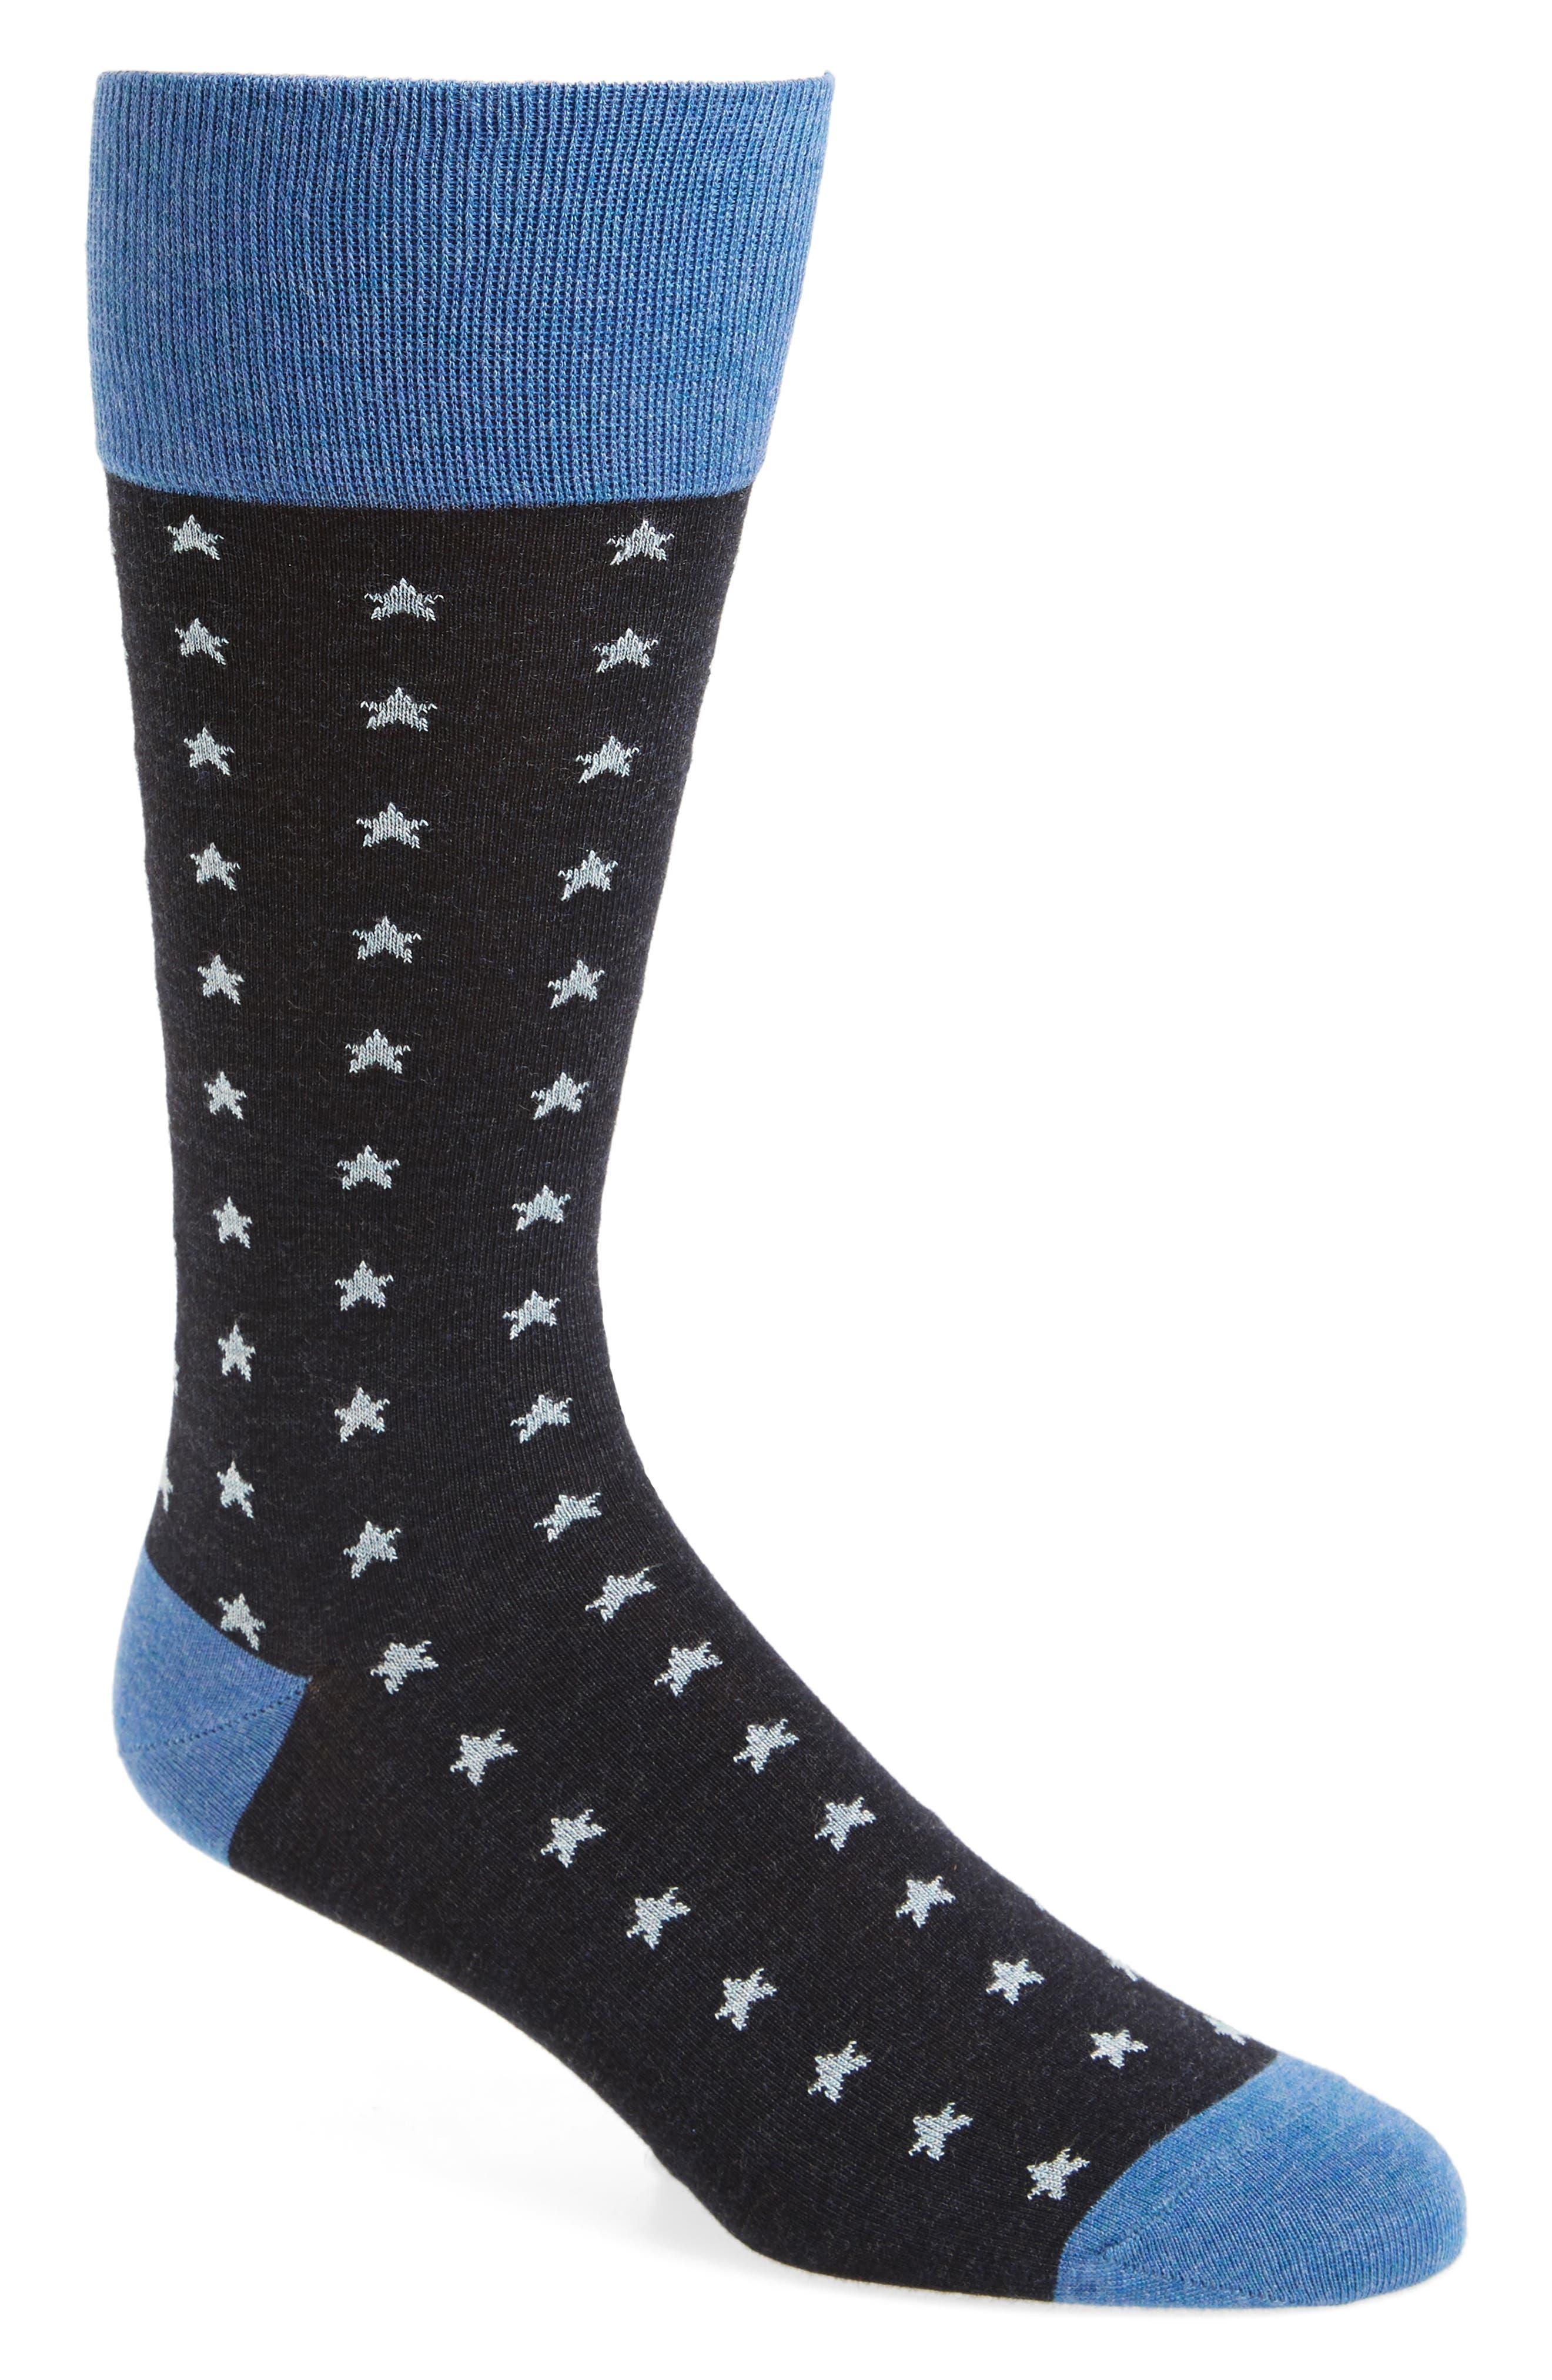 Mini Stars Socks,                             Main thumbnail 1, color,                             Navy Heather/ White